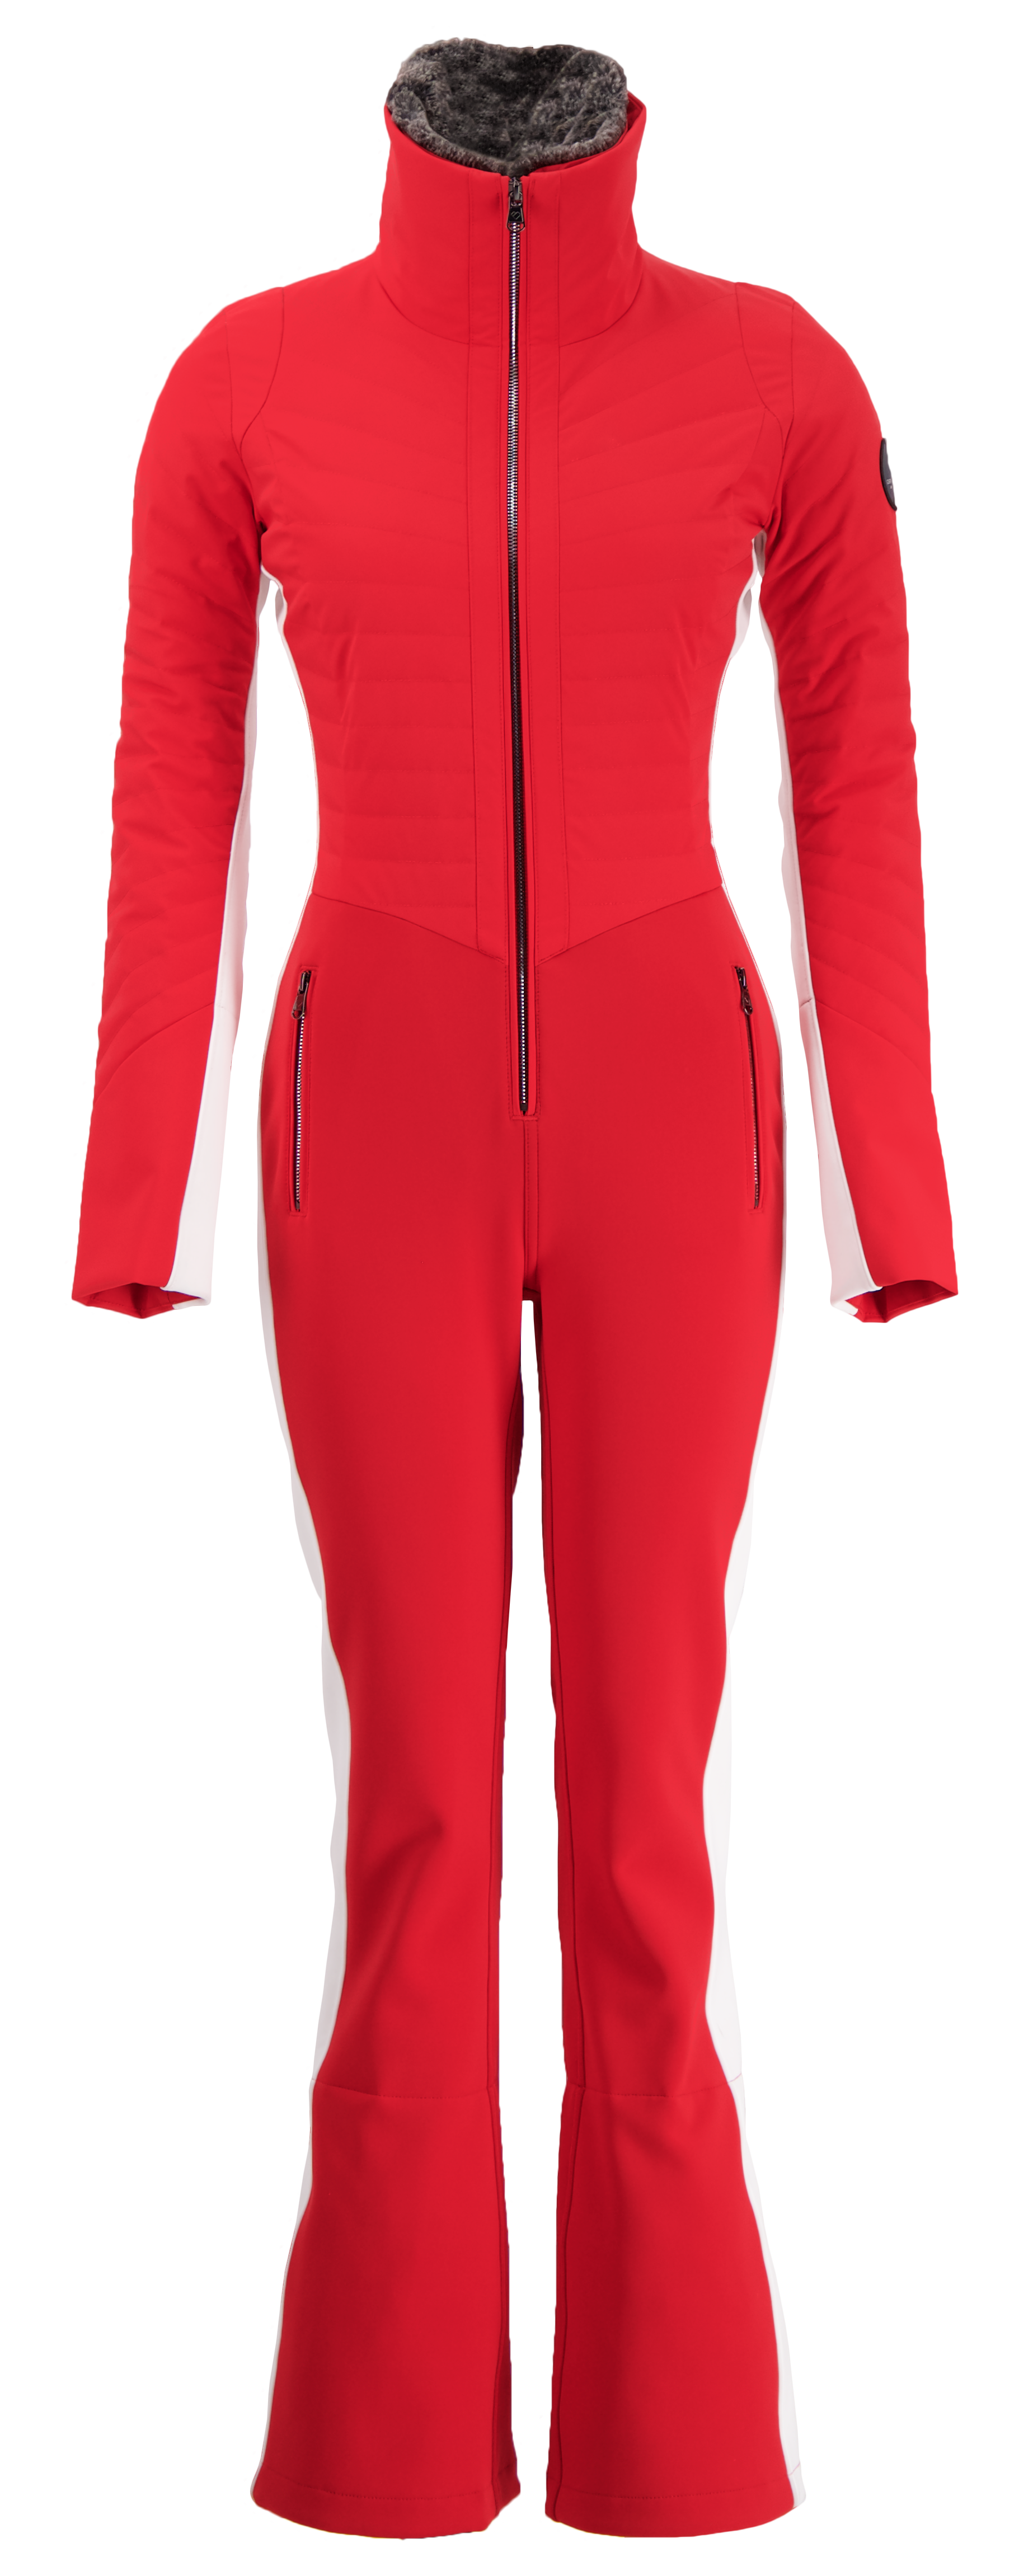 The 2021 K2 Recon Pro men's all-mountain ski boot